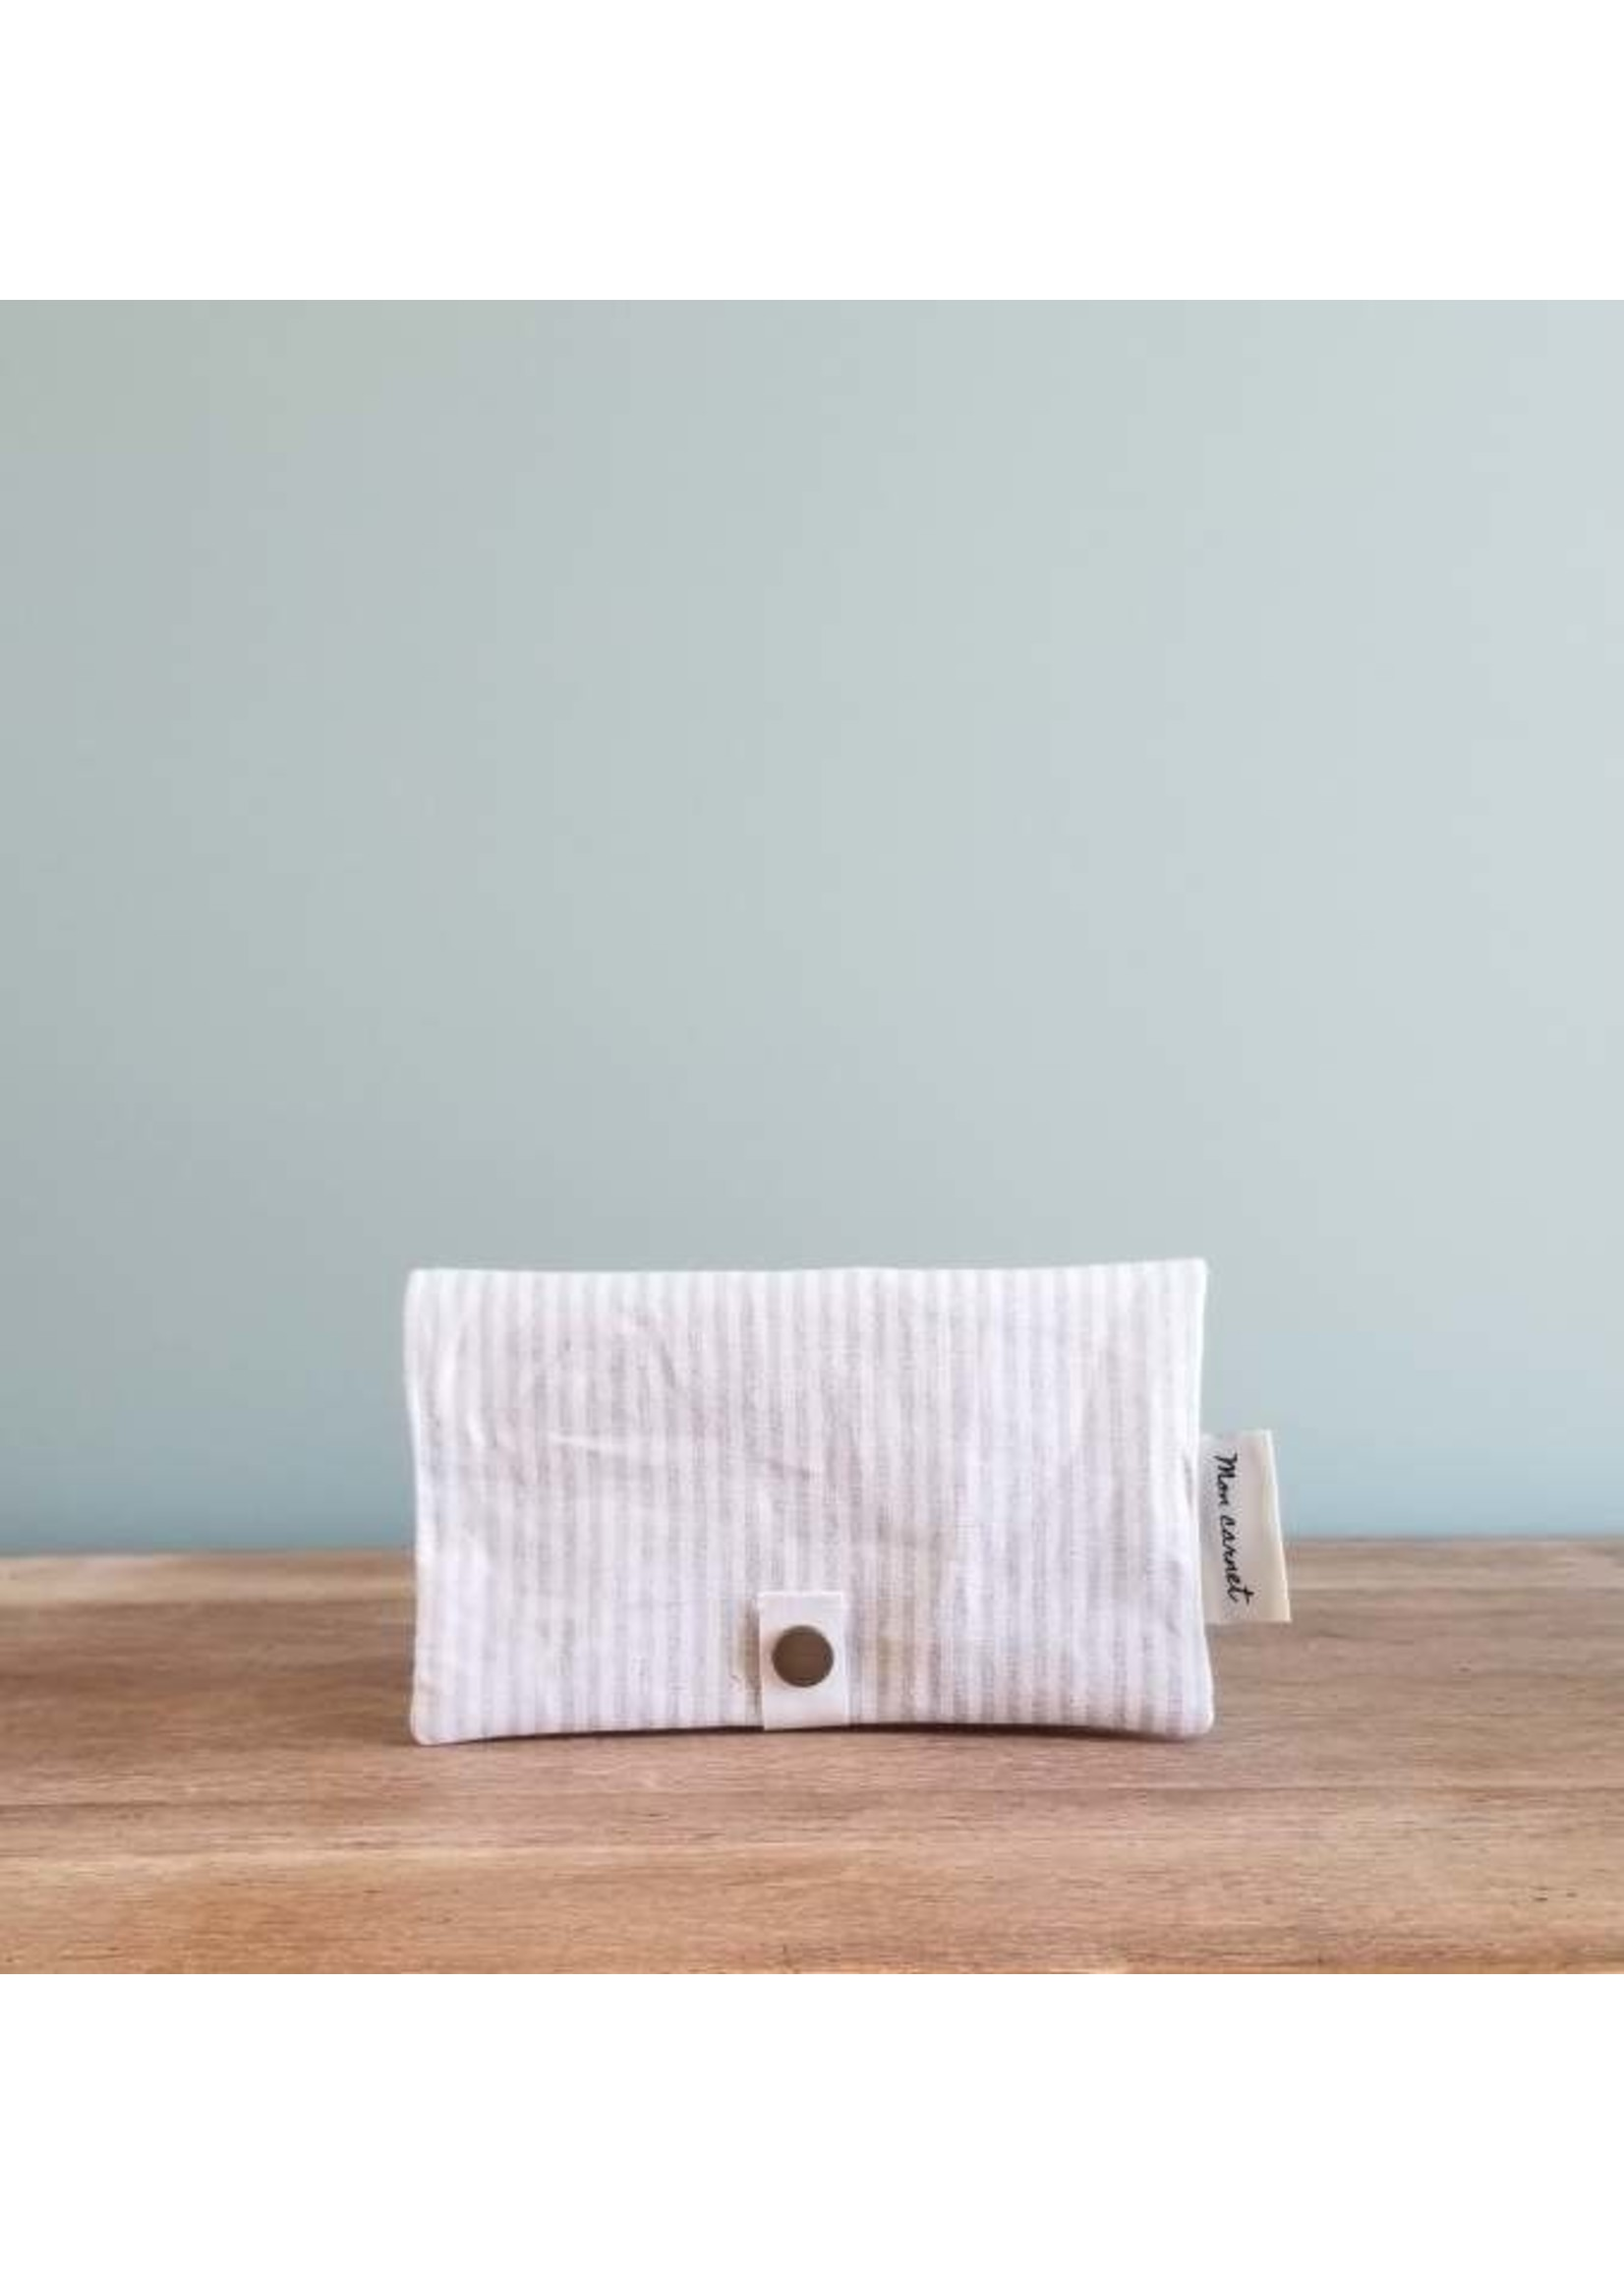 Sauge & co Protège carnet Linen stripes Beige